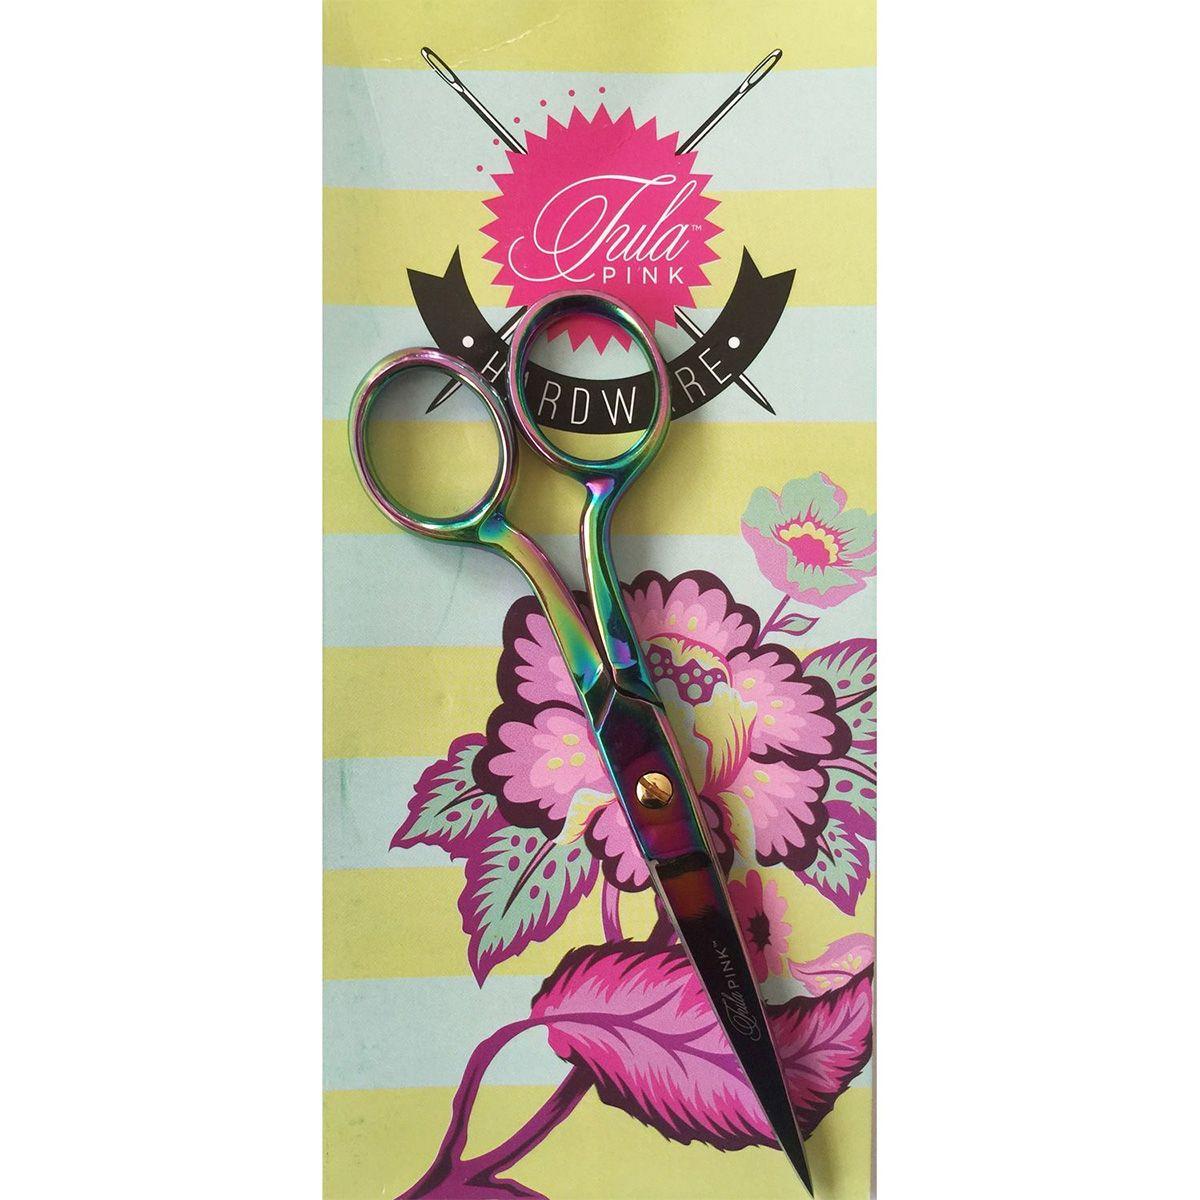 Ciseaux lingère 15 cm Tula Pink